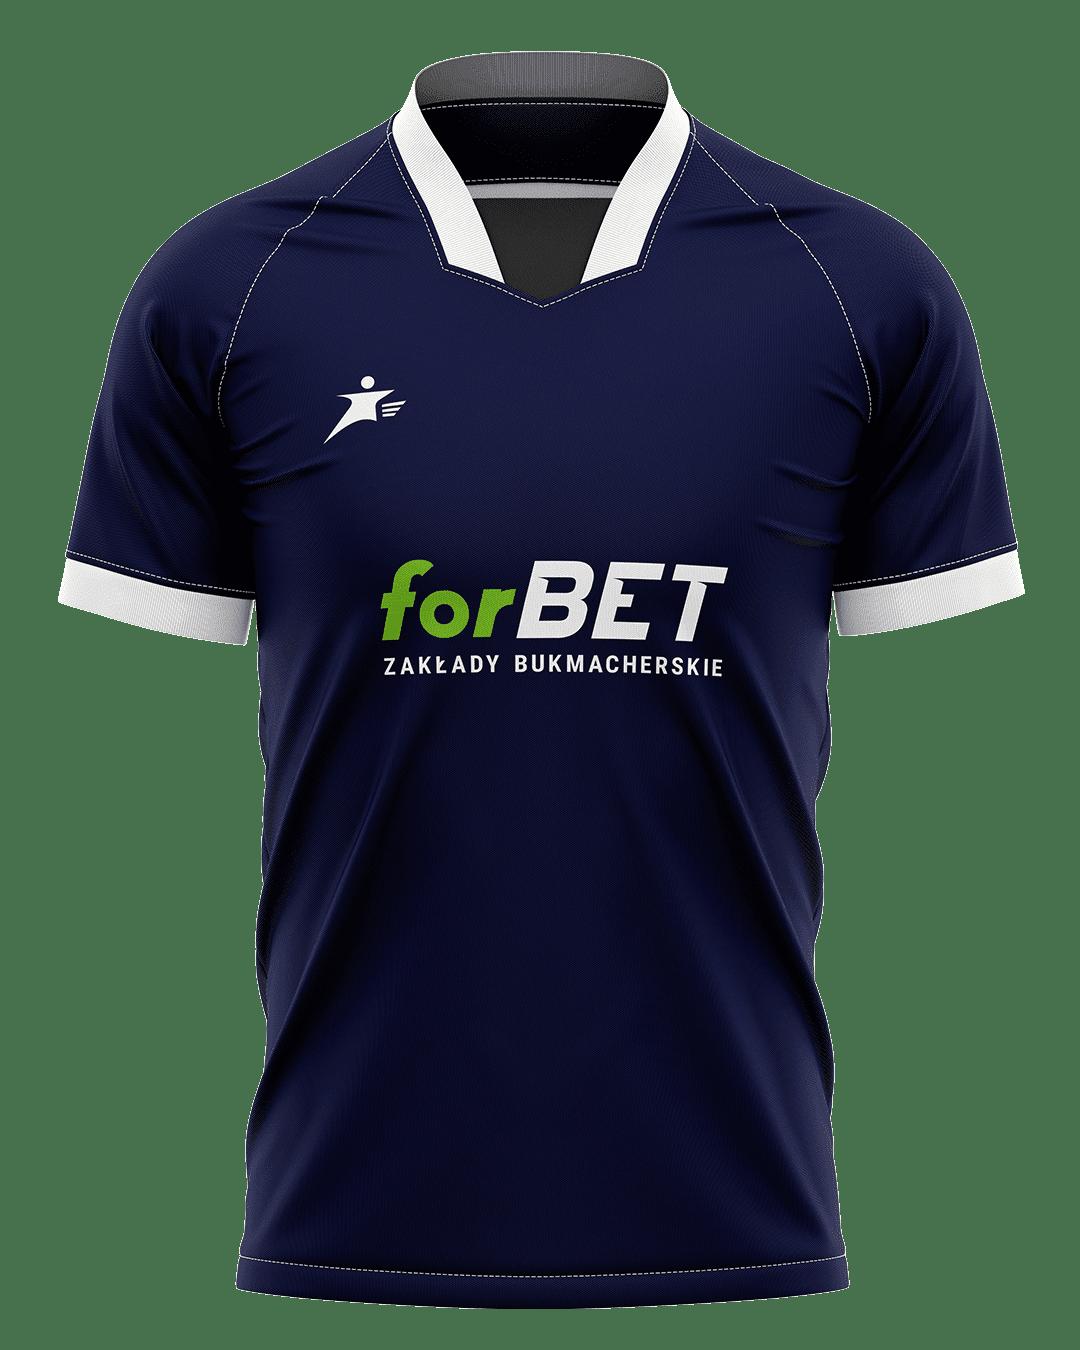 Koszulka bukmachera forBET